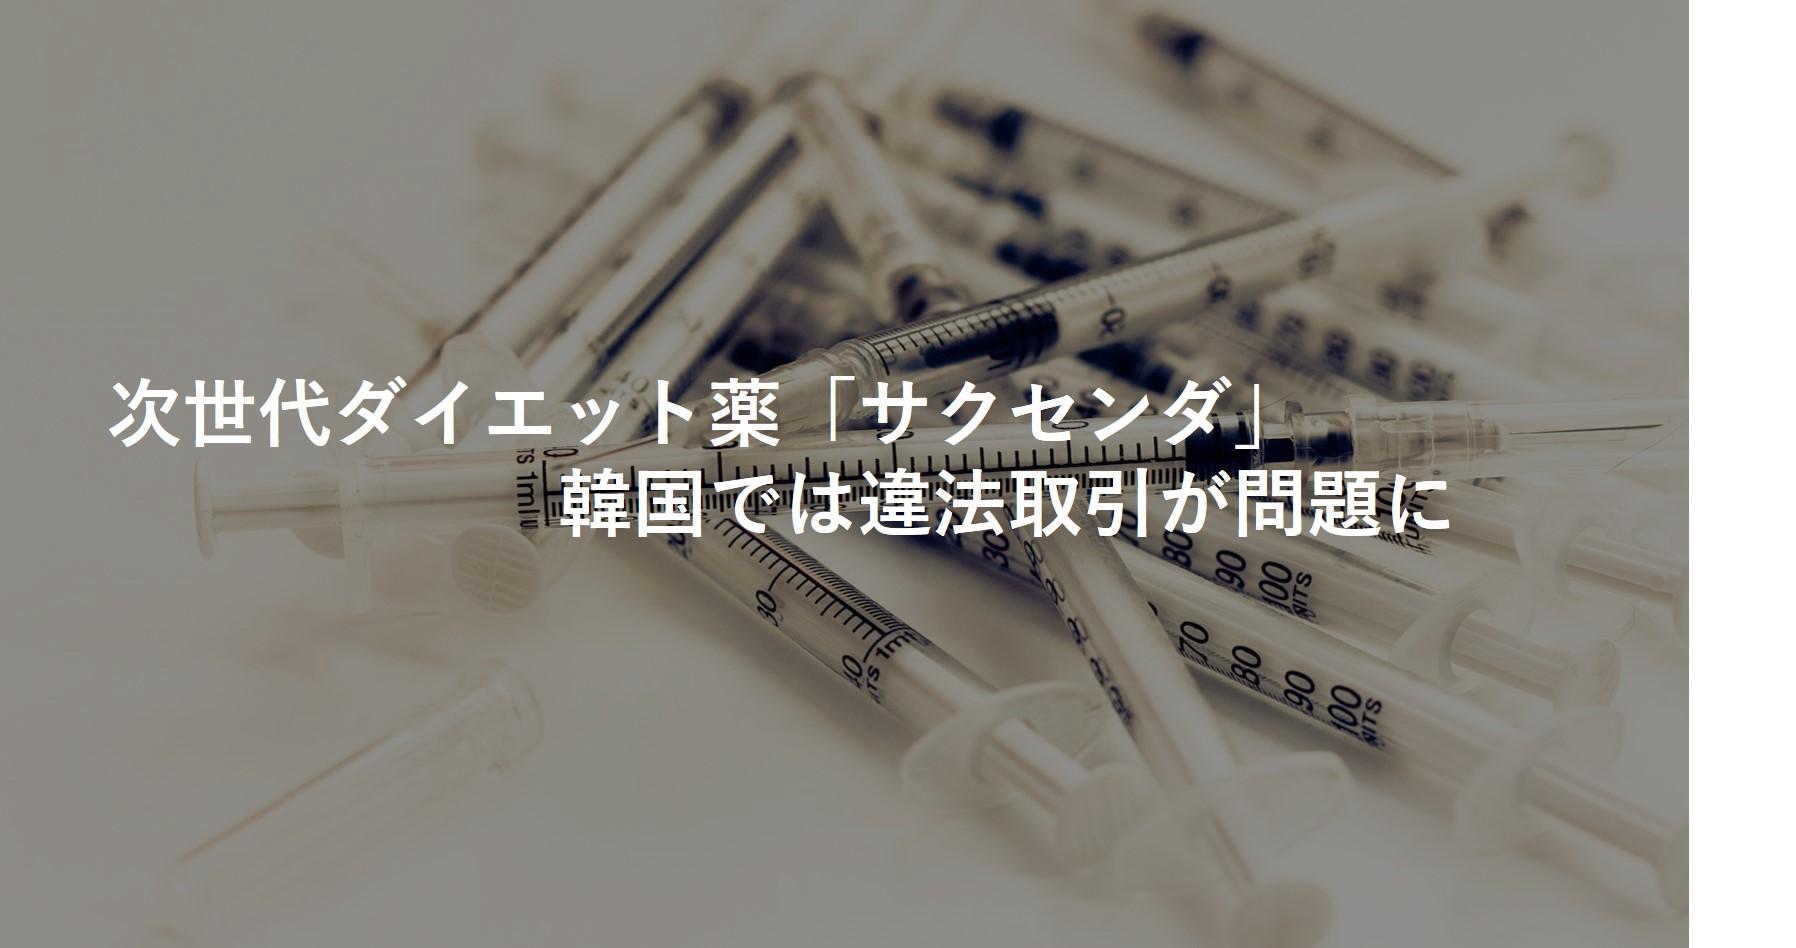 次世代ダイエット薬「サクセンダ」。韓国では違法取引が問題に